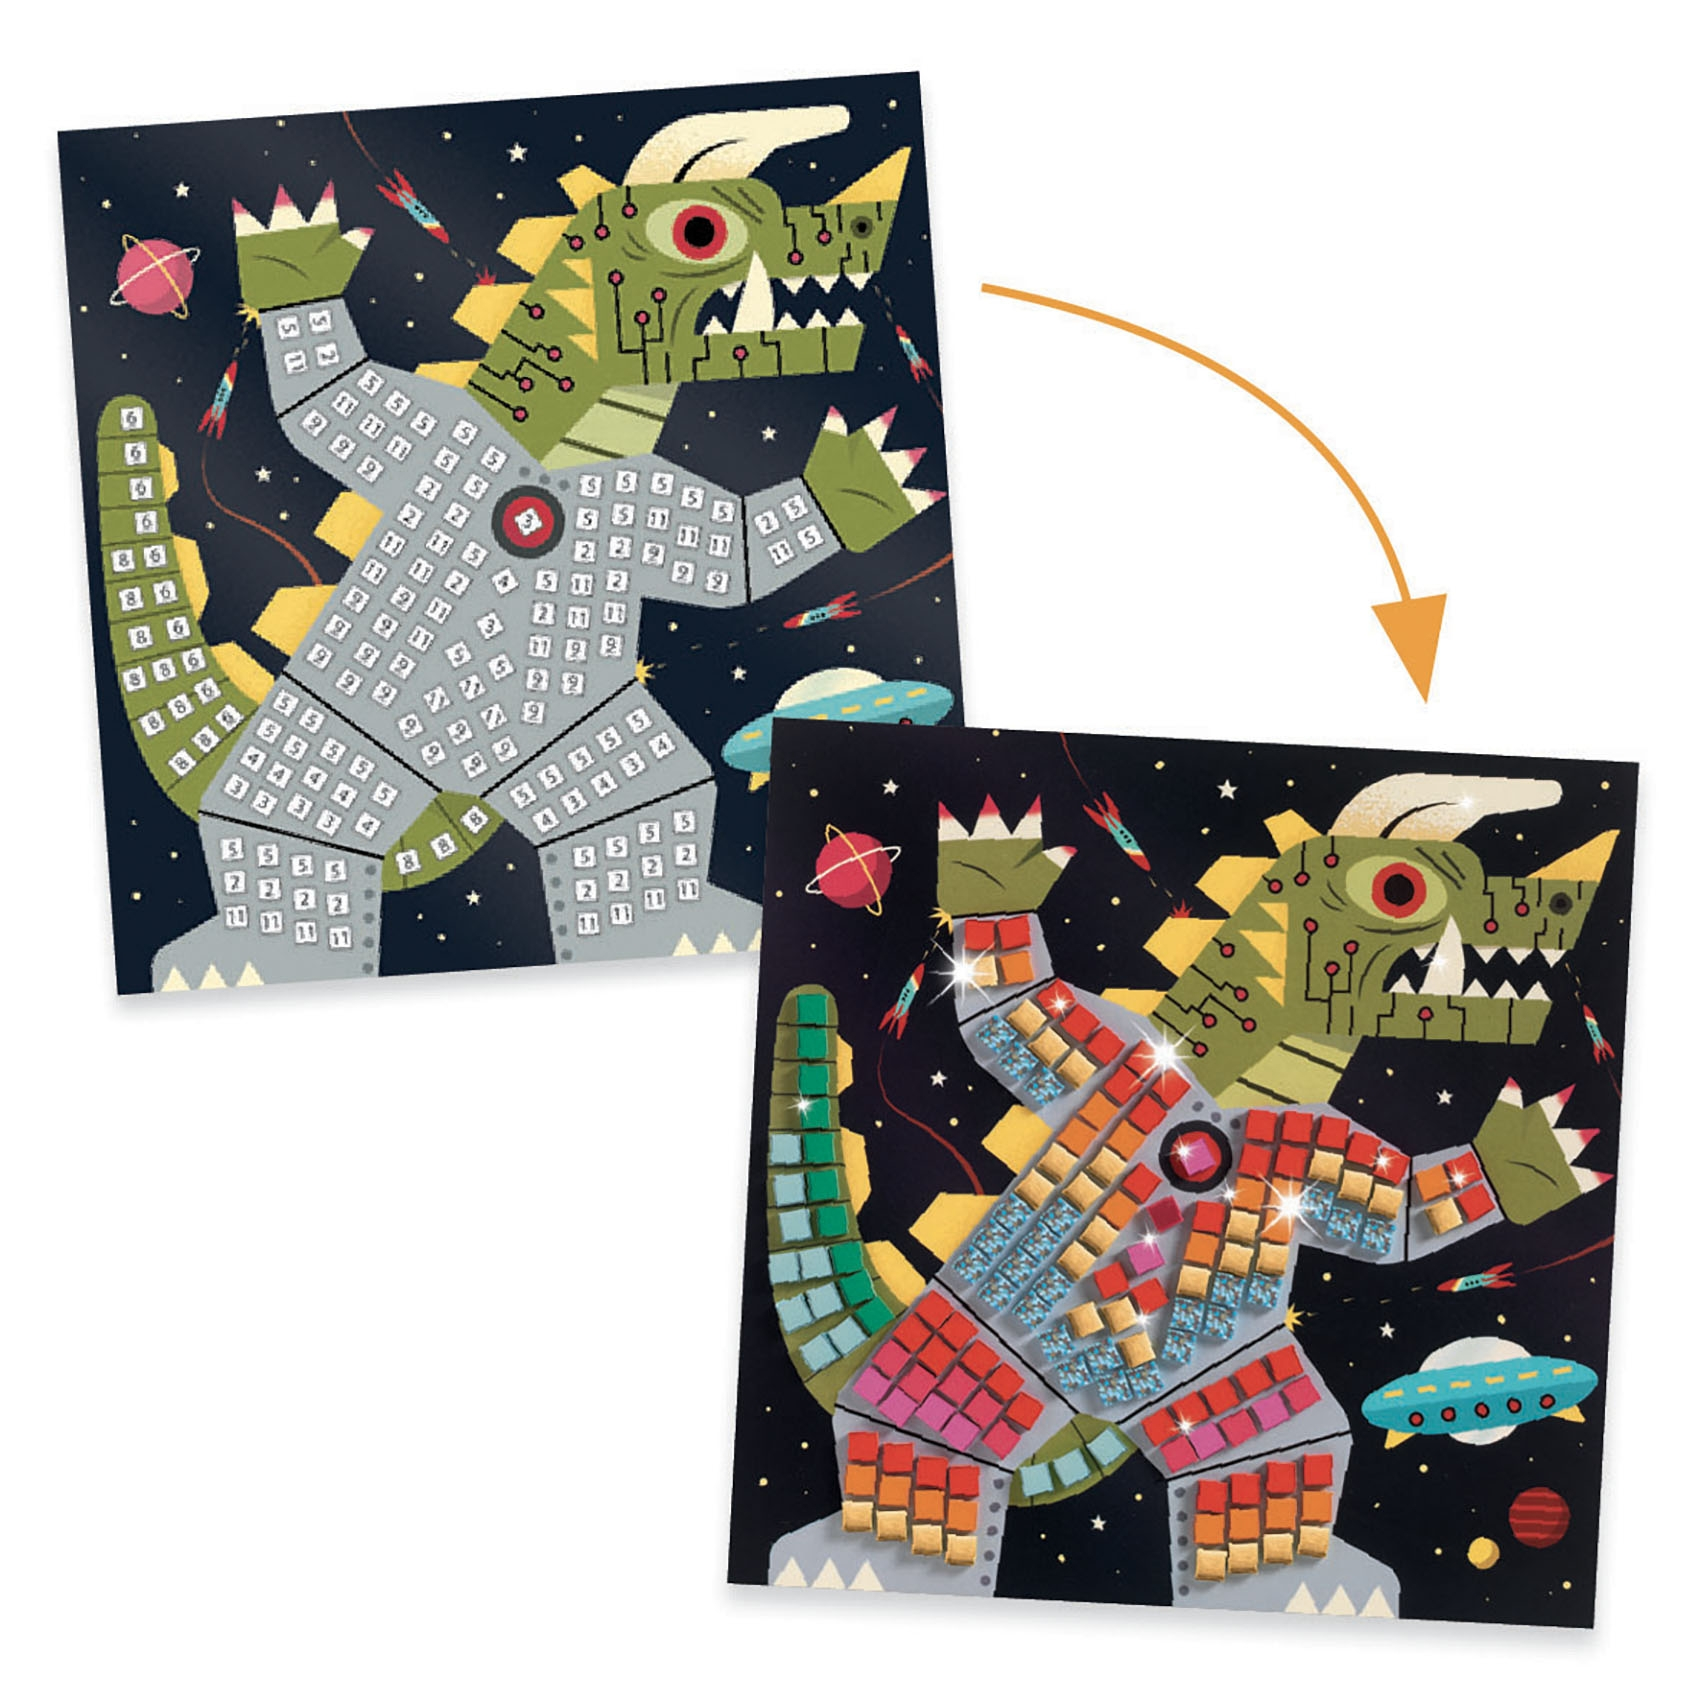 Mozaikkép készítés - Hadüzenet - Space battle - 2